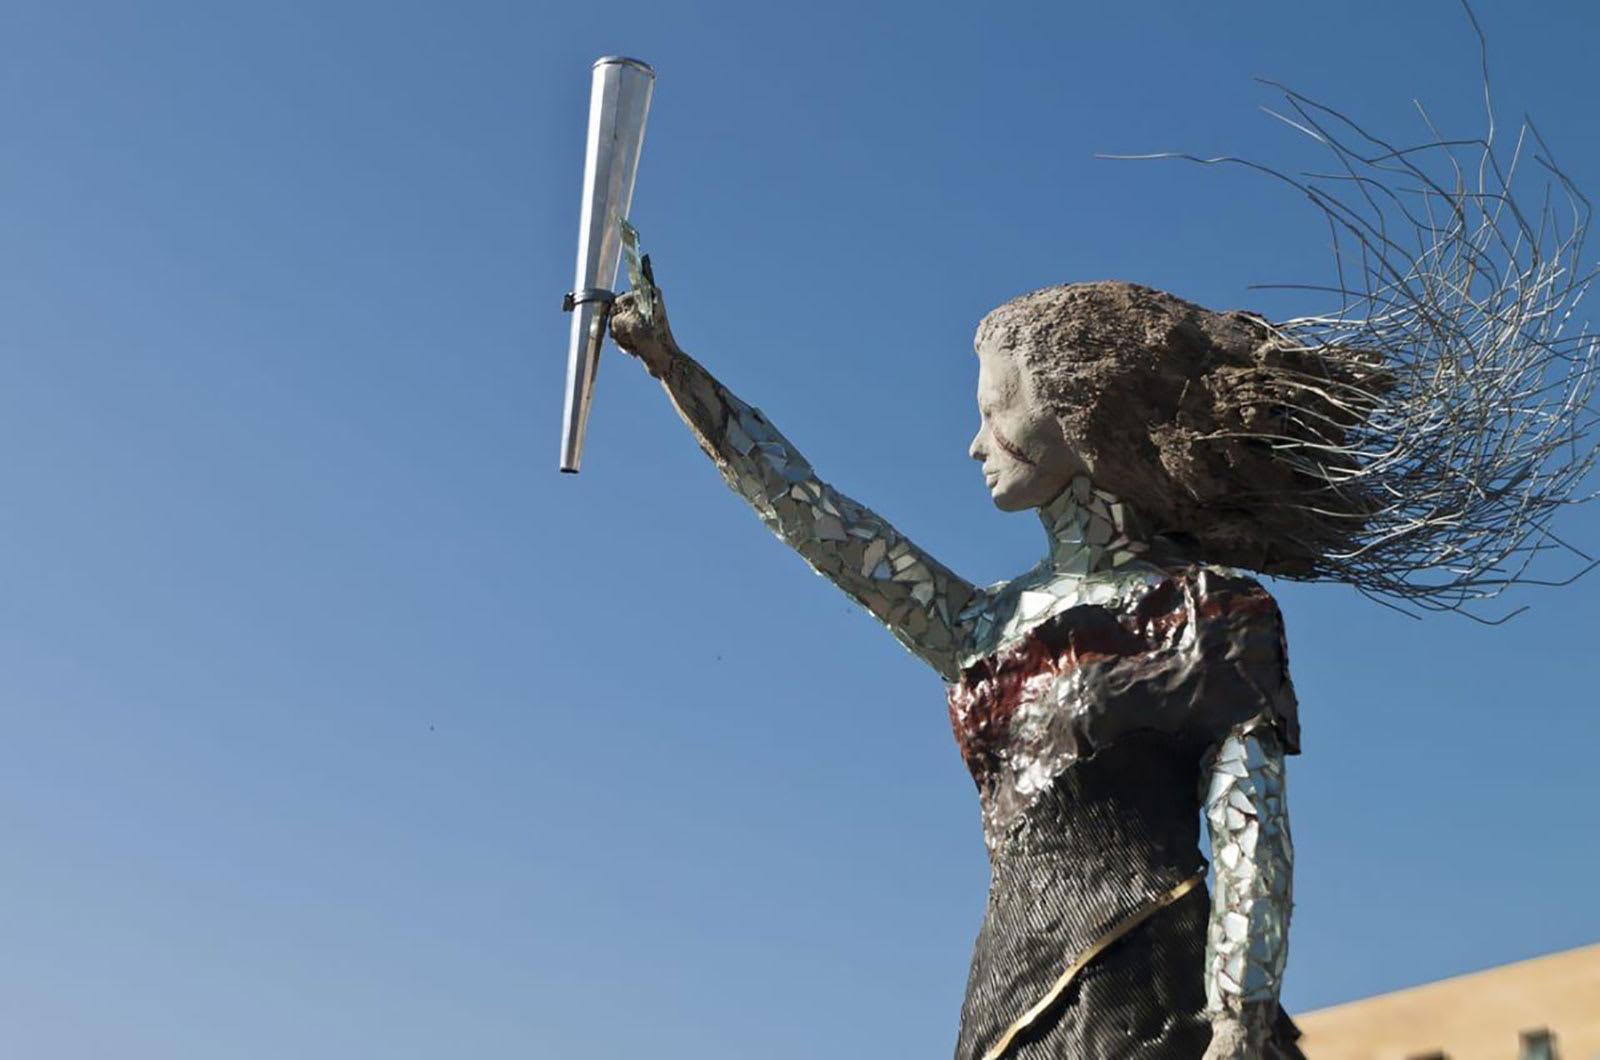 لبنانية تخلد مأساة انفجار بيروت بتمثال لسيدة مصنوعة من الزجاج والأنقاض